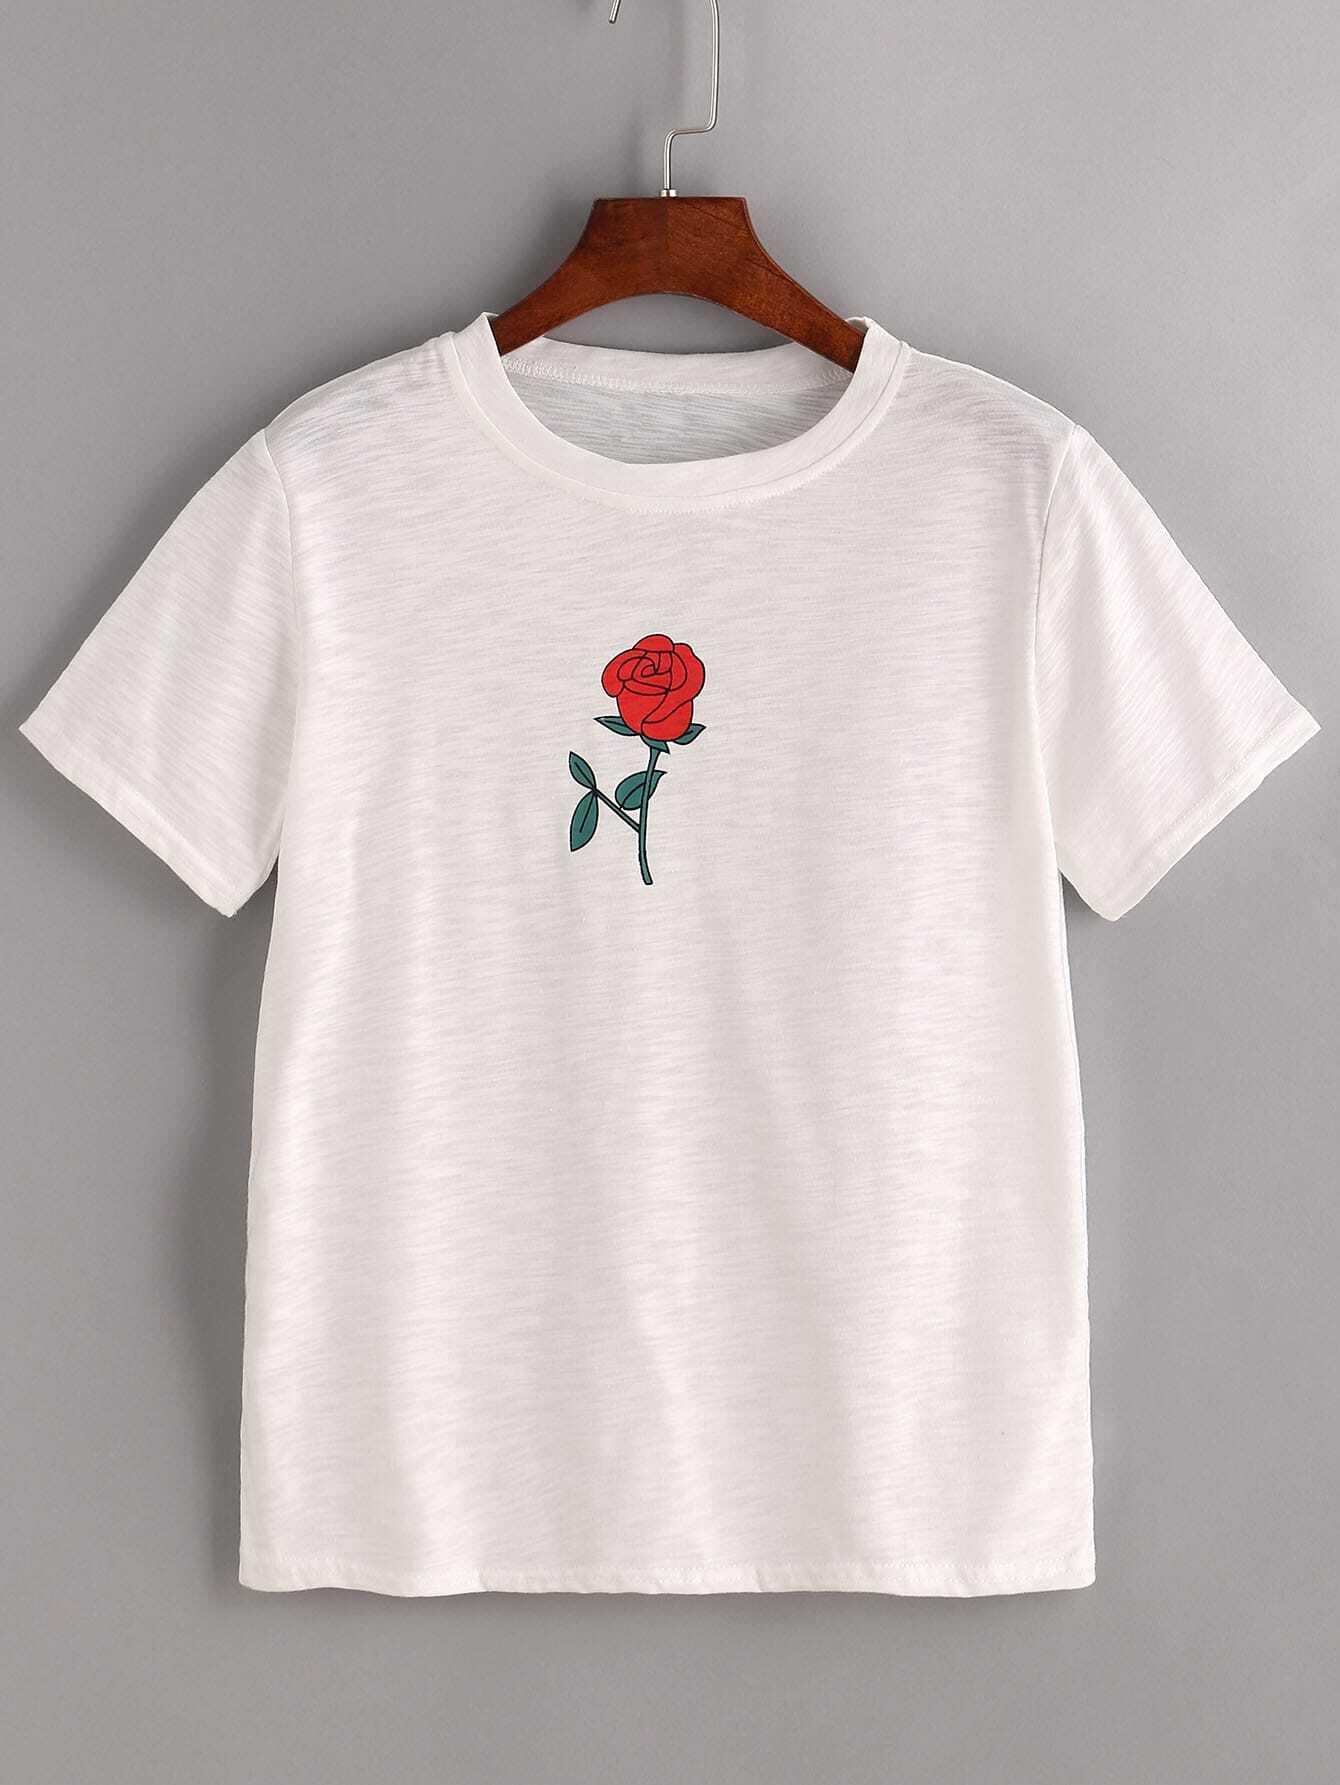 imprimer chemise rose blanc french romwe. Black Bedroom Furniture Sets. Home Design Ideas